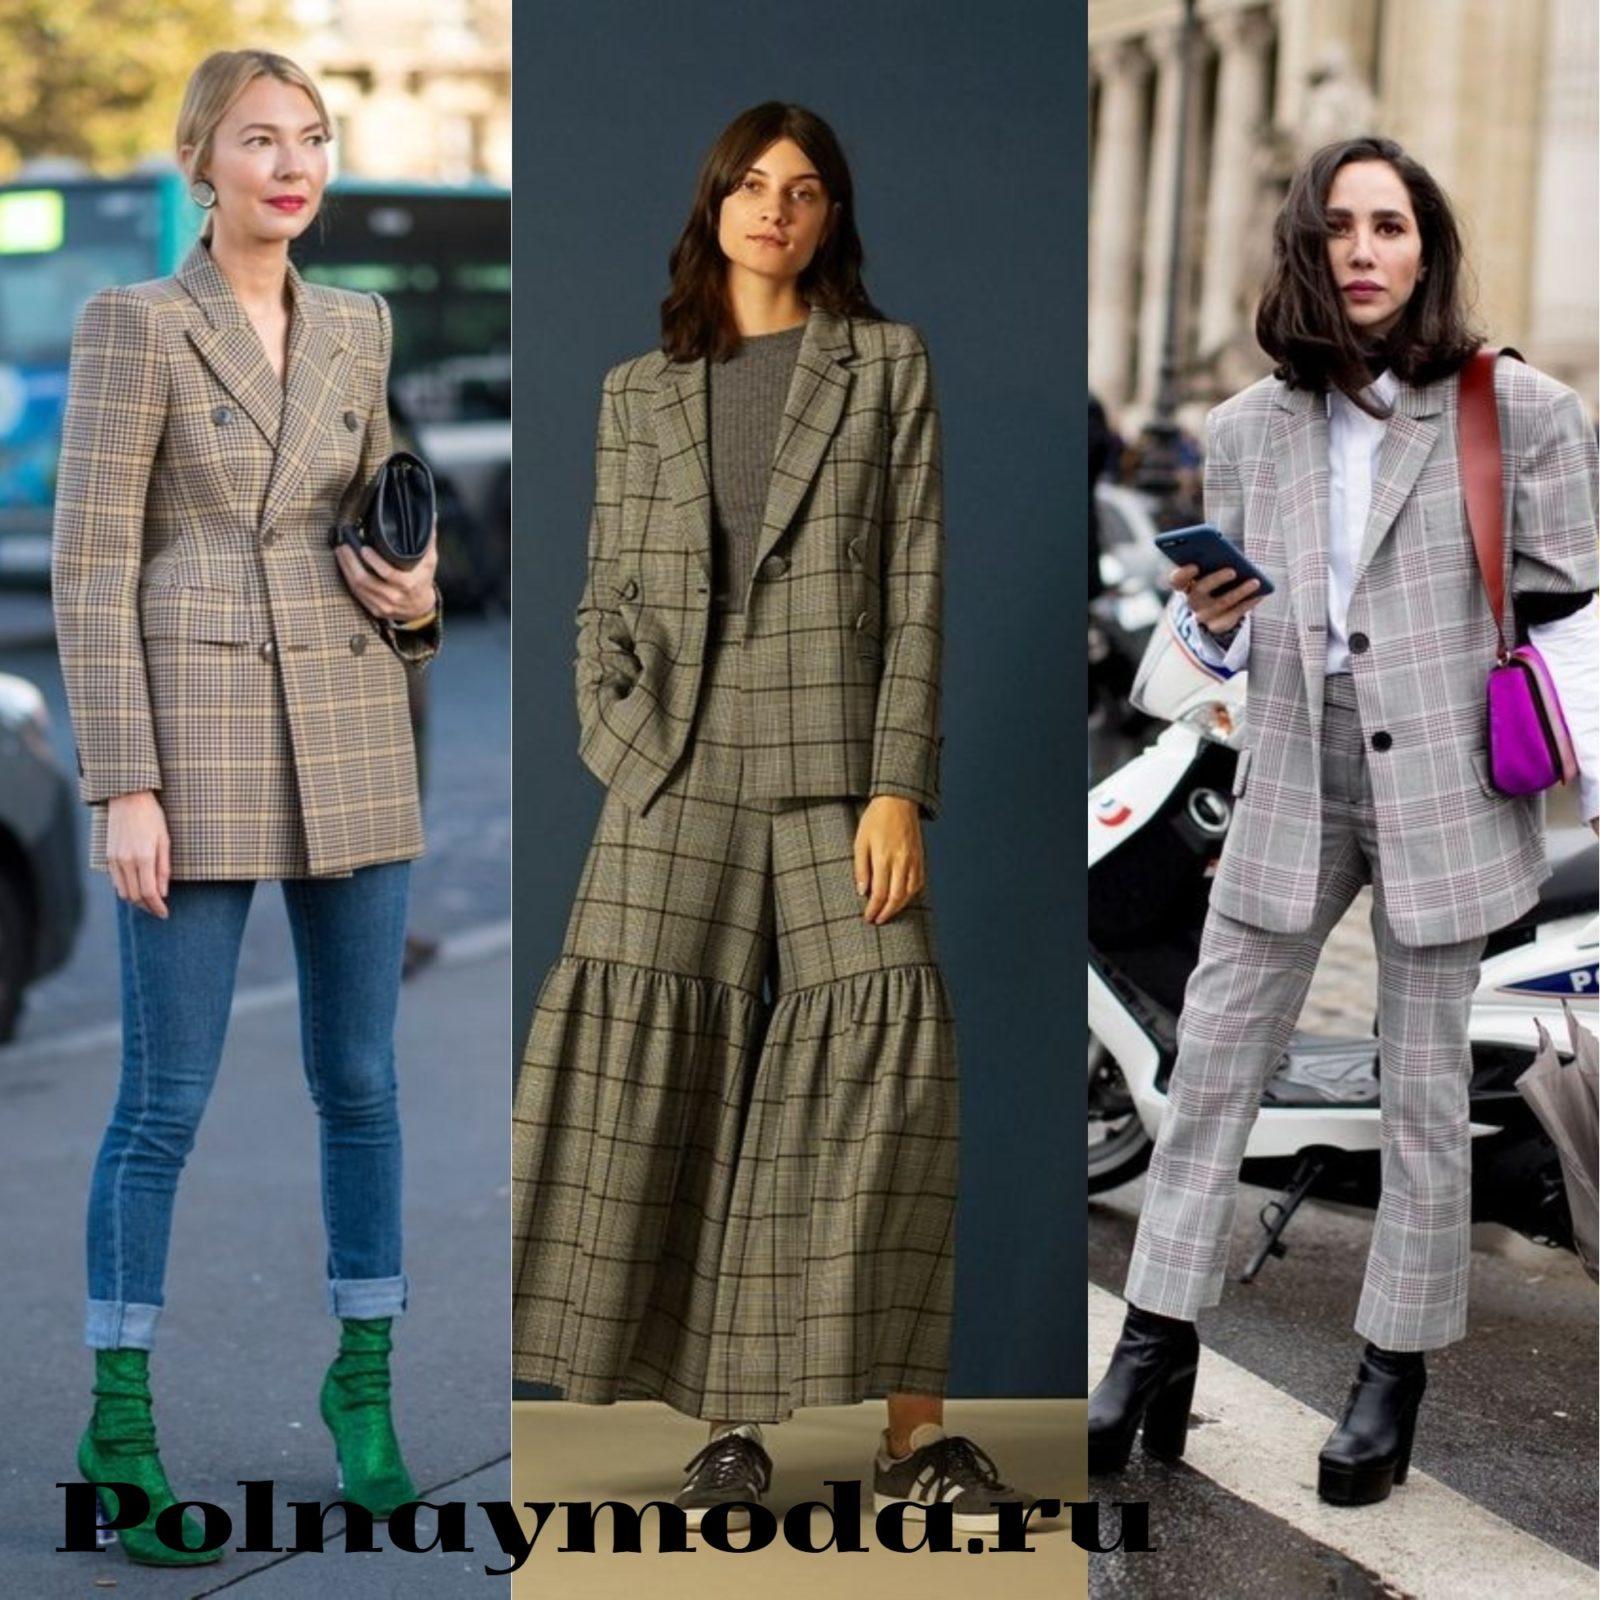 Уличная мода 2018 фото одежды в клетку костюмы пальто пиджак